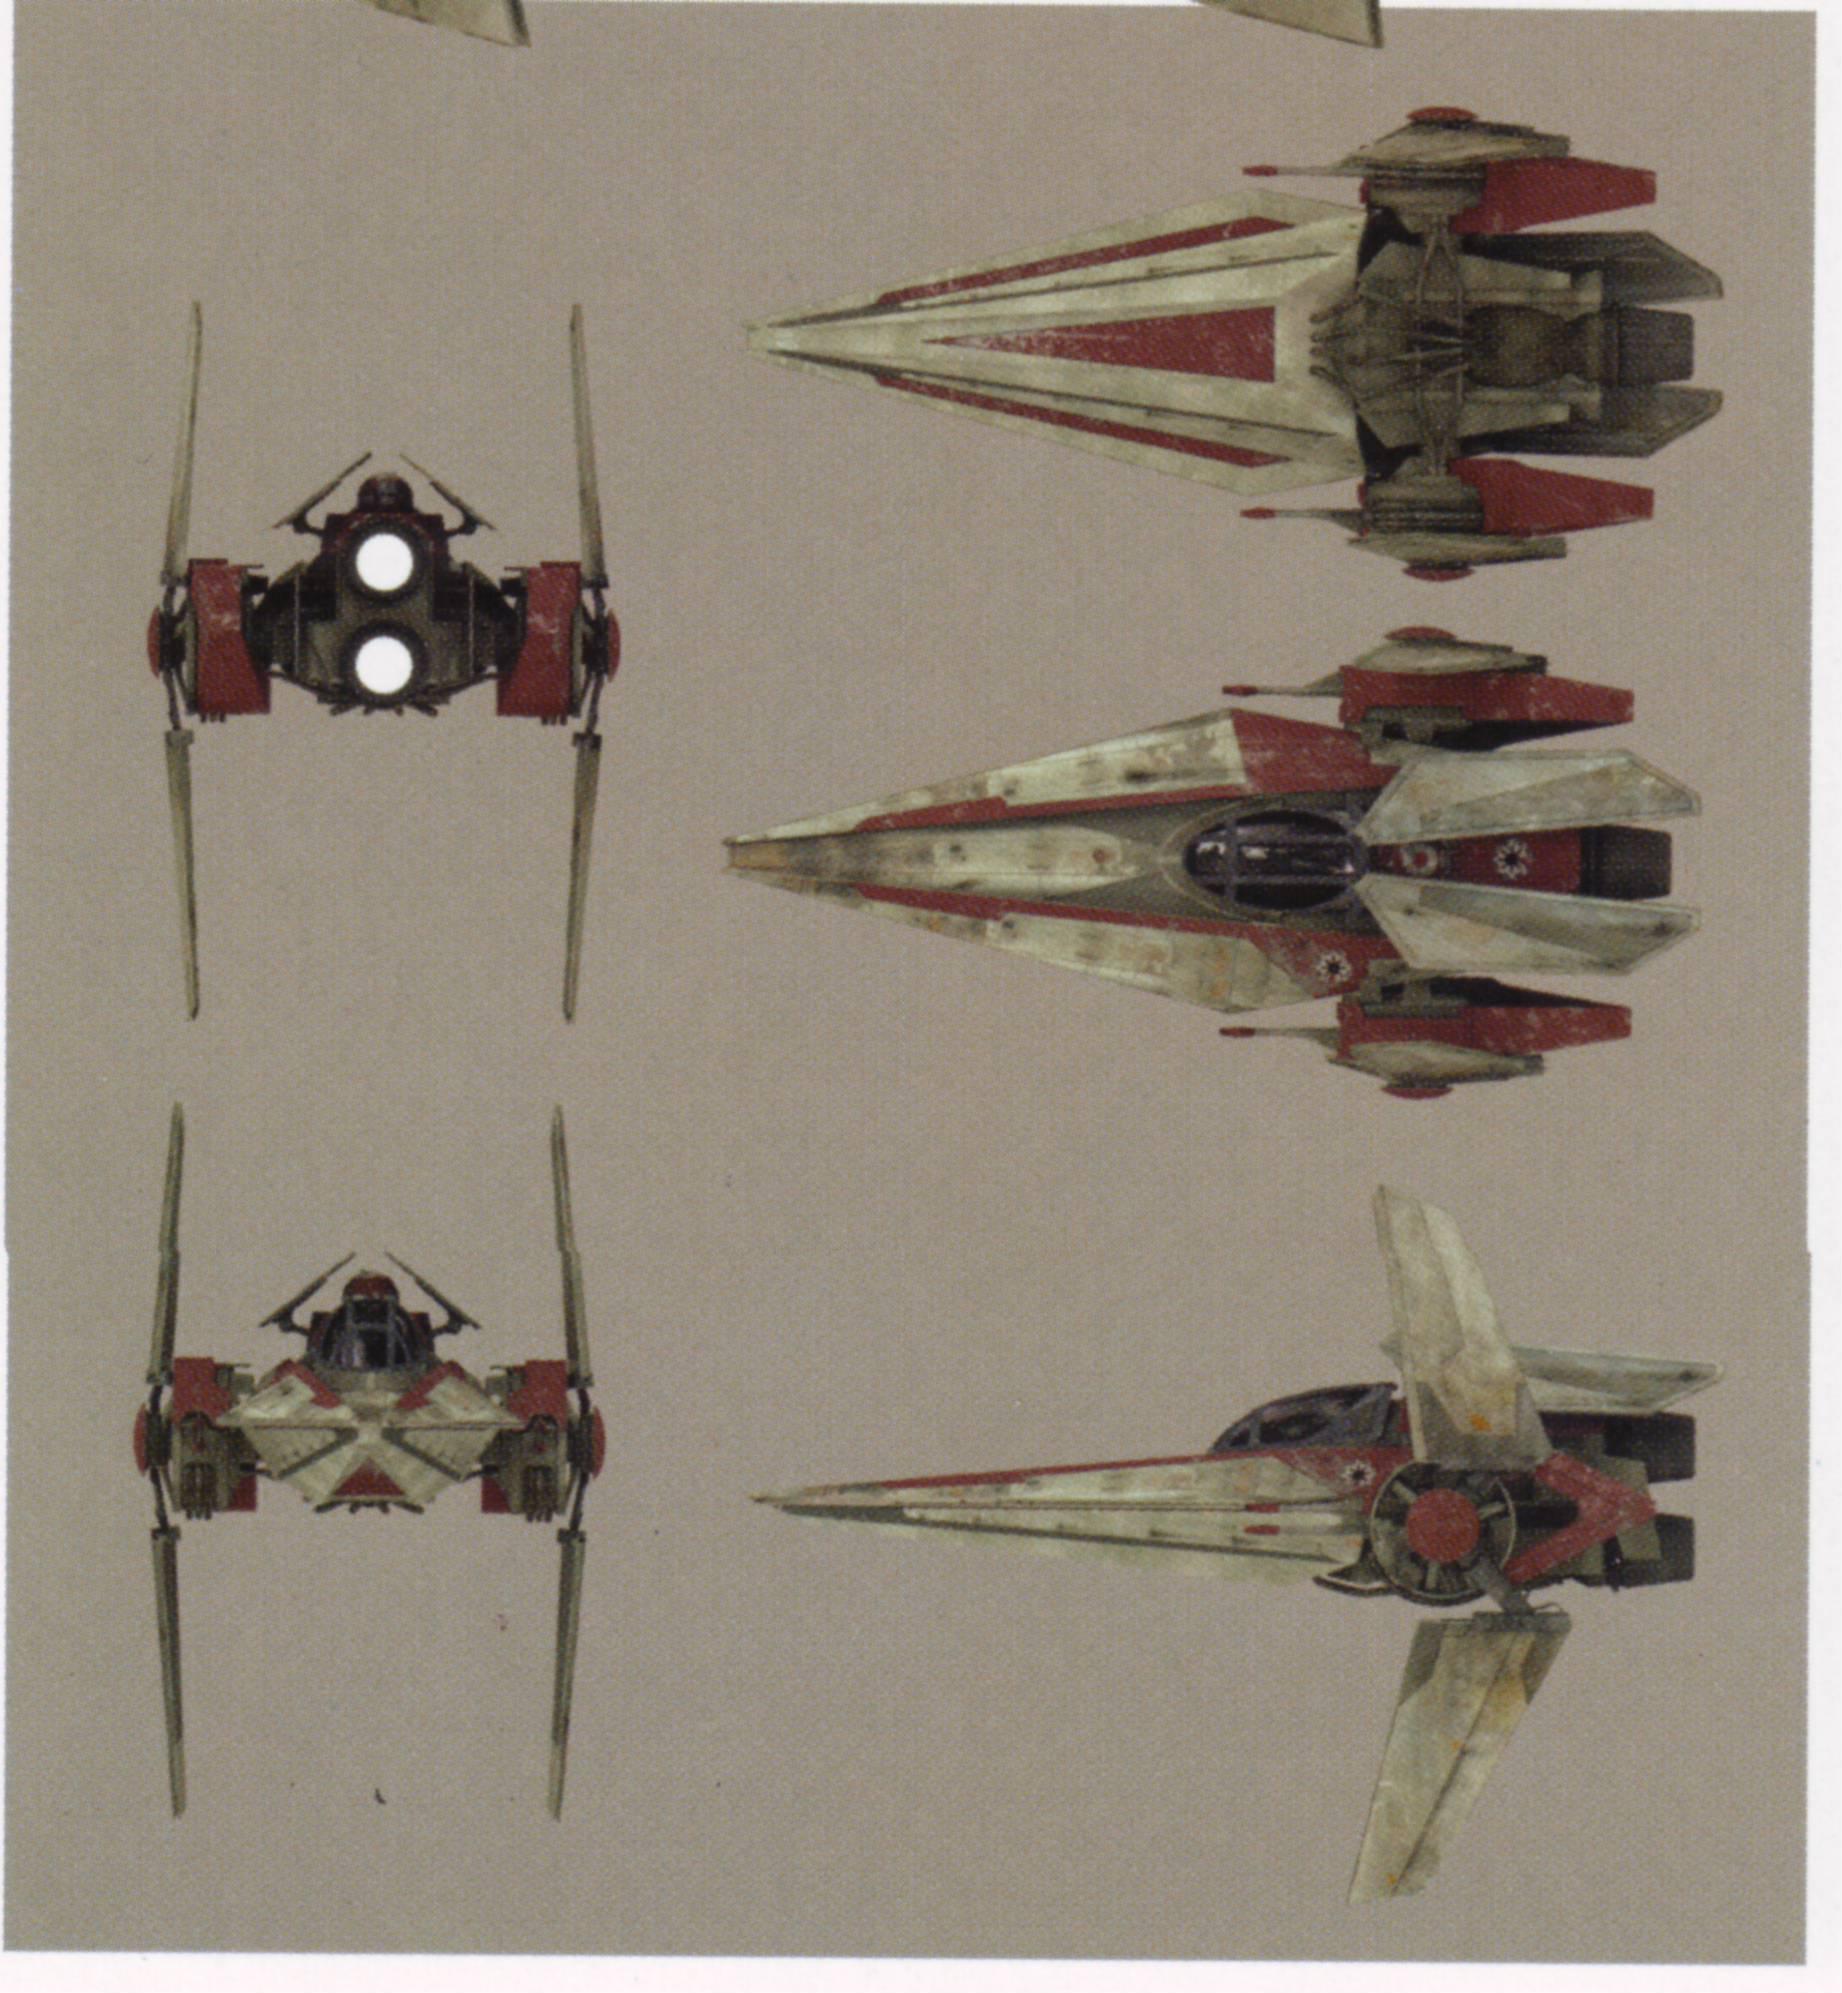 v-wing3d.jpg